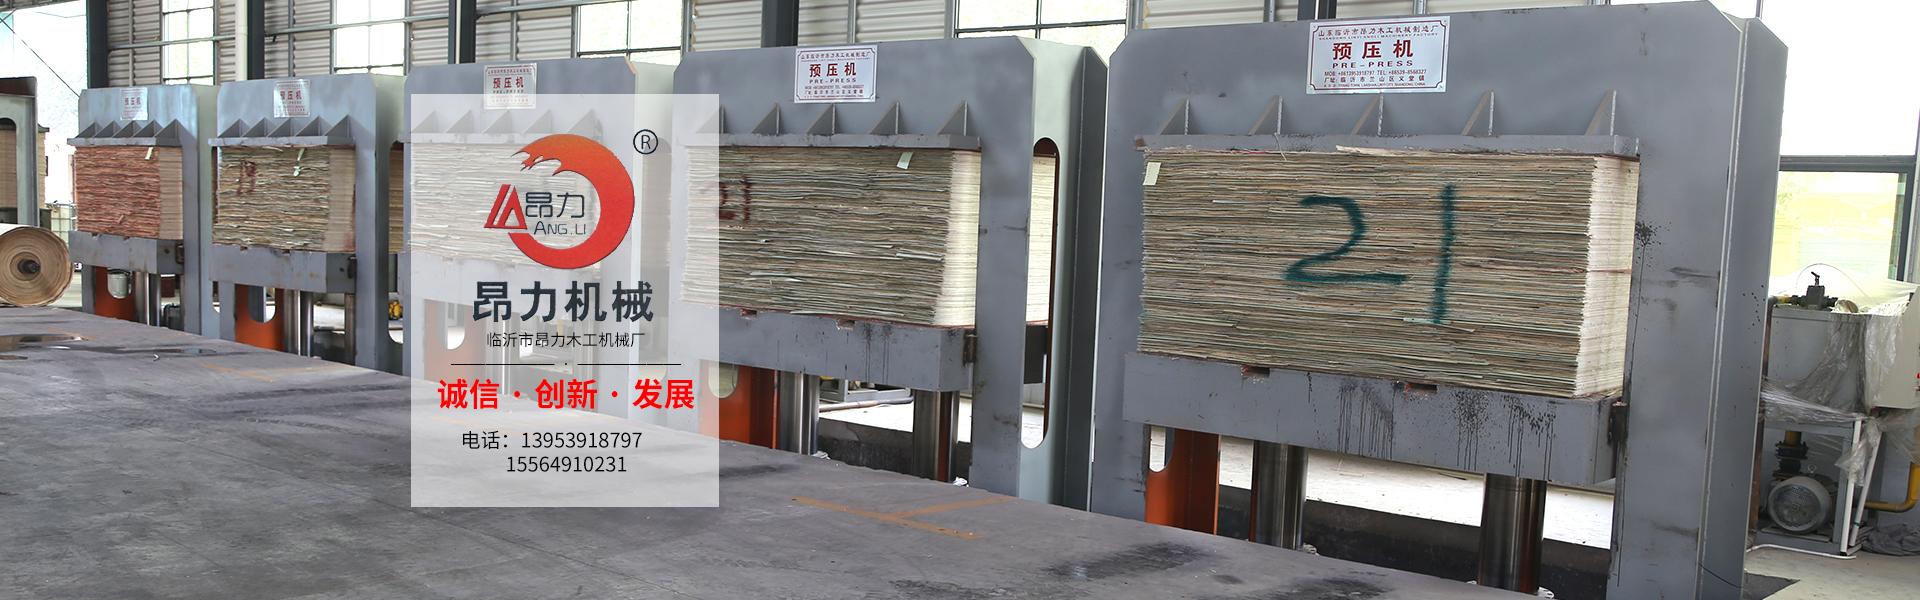 多層板鋪板機_拼板機廠家_山東熱壓機_鋸邊機-臨沂市昂力木工機械廠